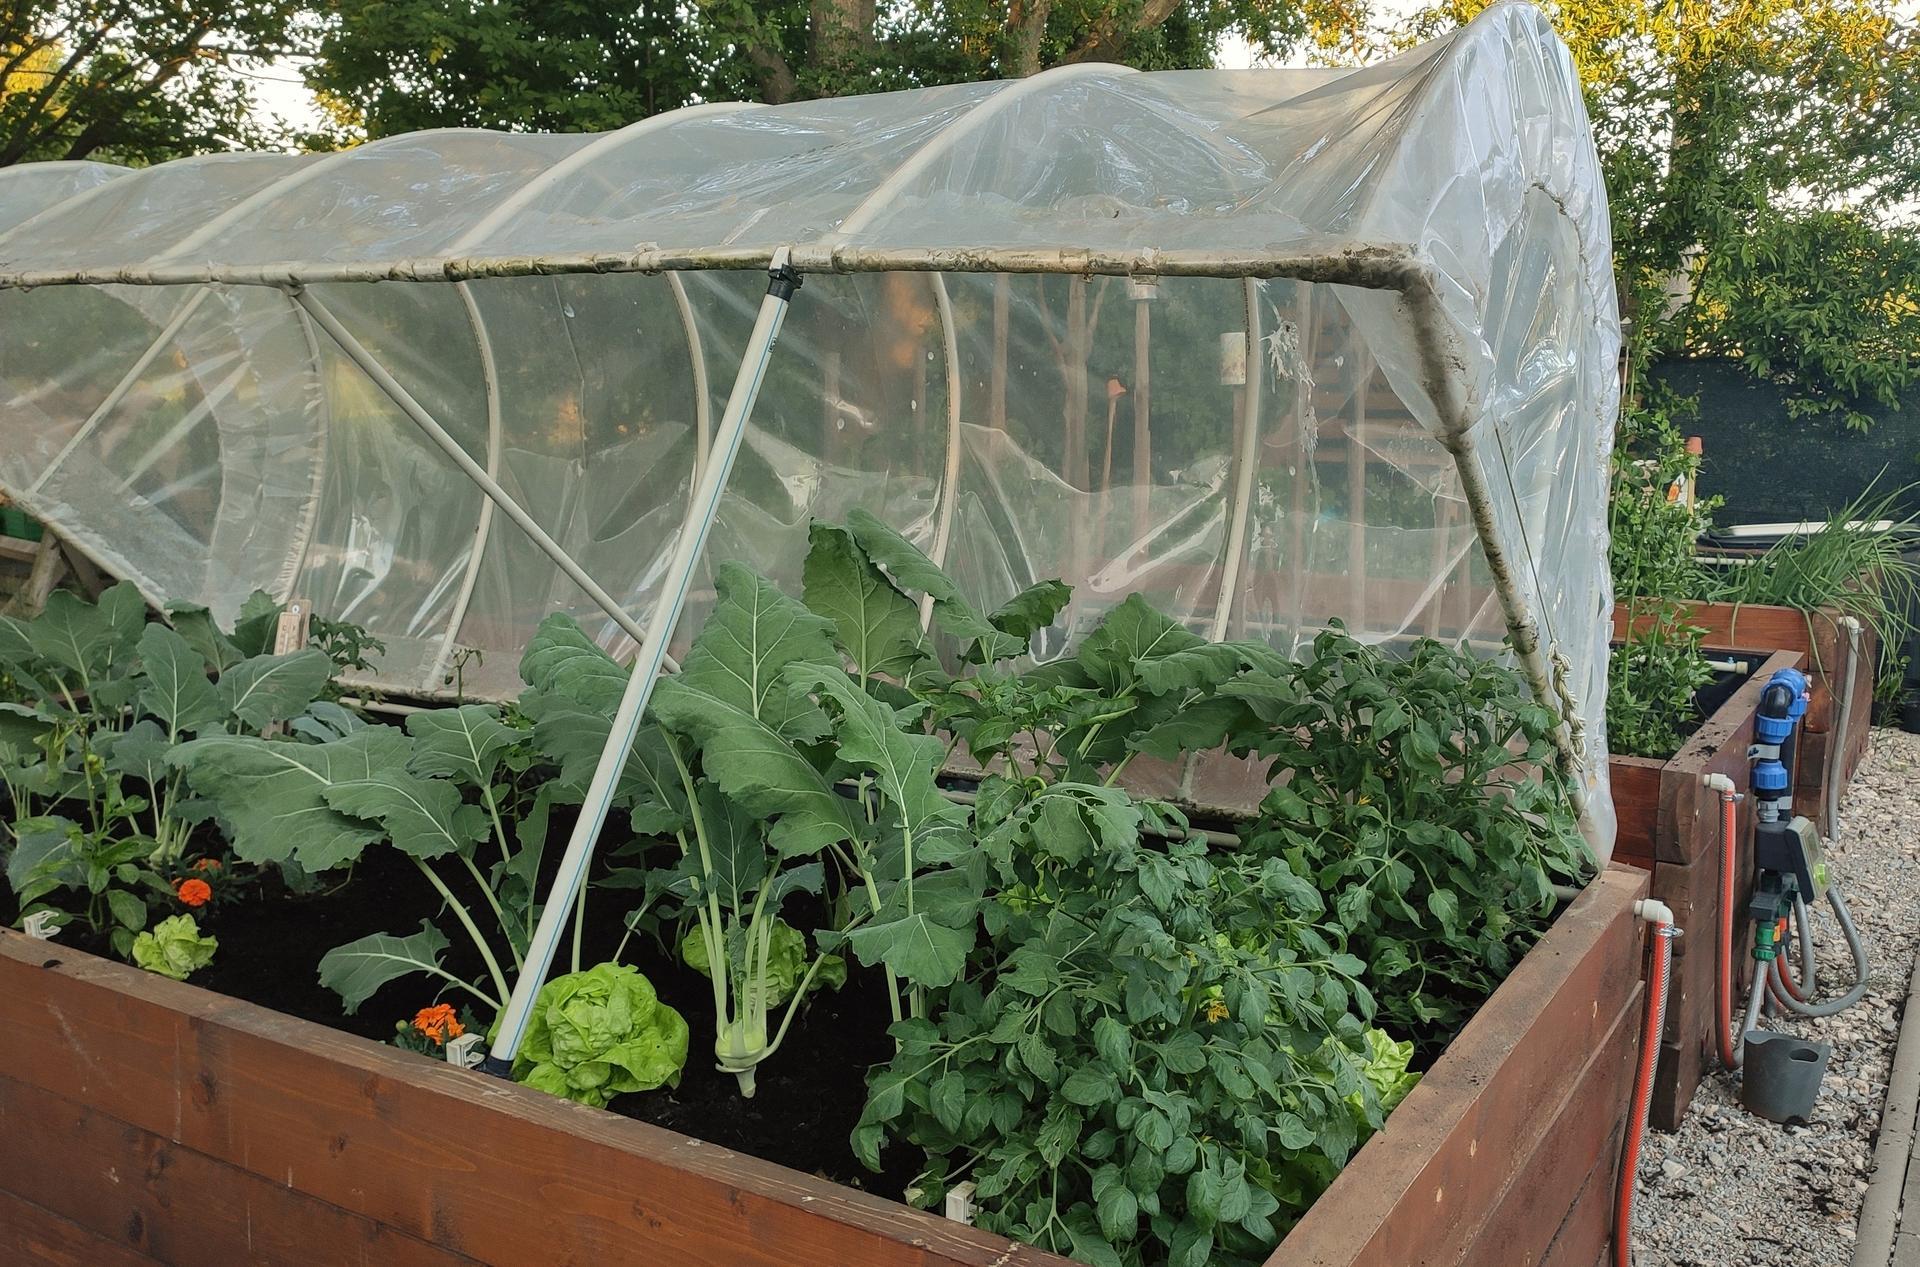 Vyvýšené záhony a úžitková záhrada - sezóna 2021 ... príprava, sadenie, starostlivosť - Obrázok č. 51